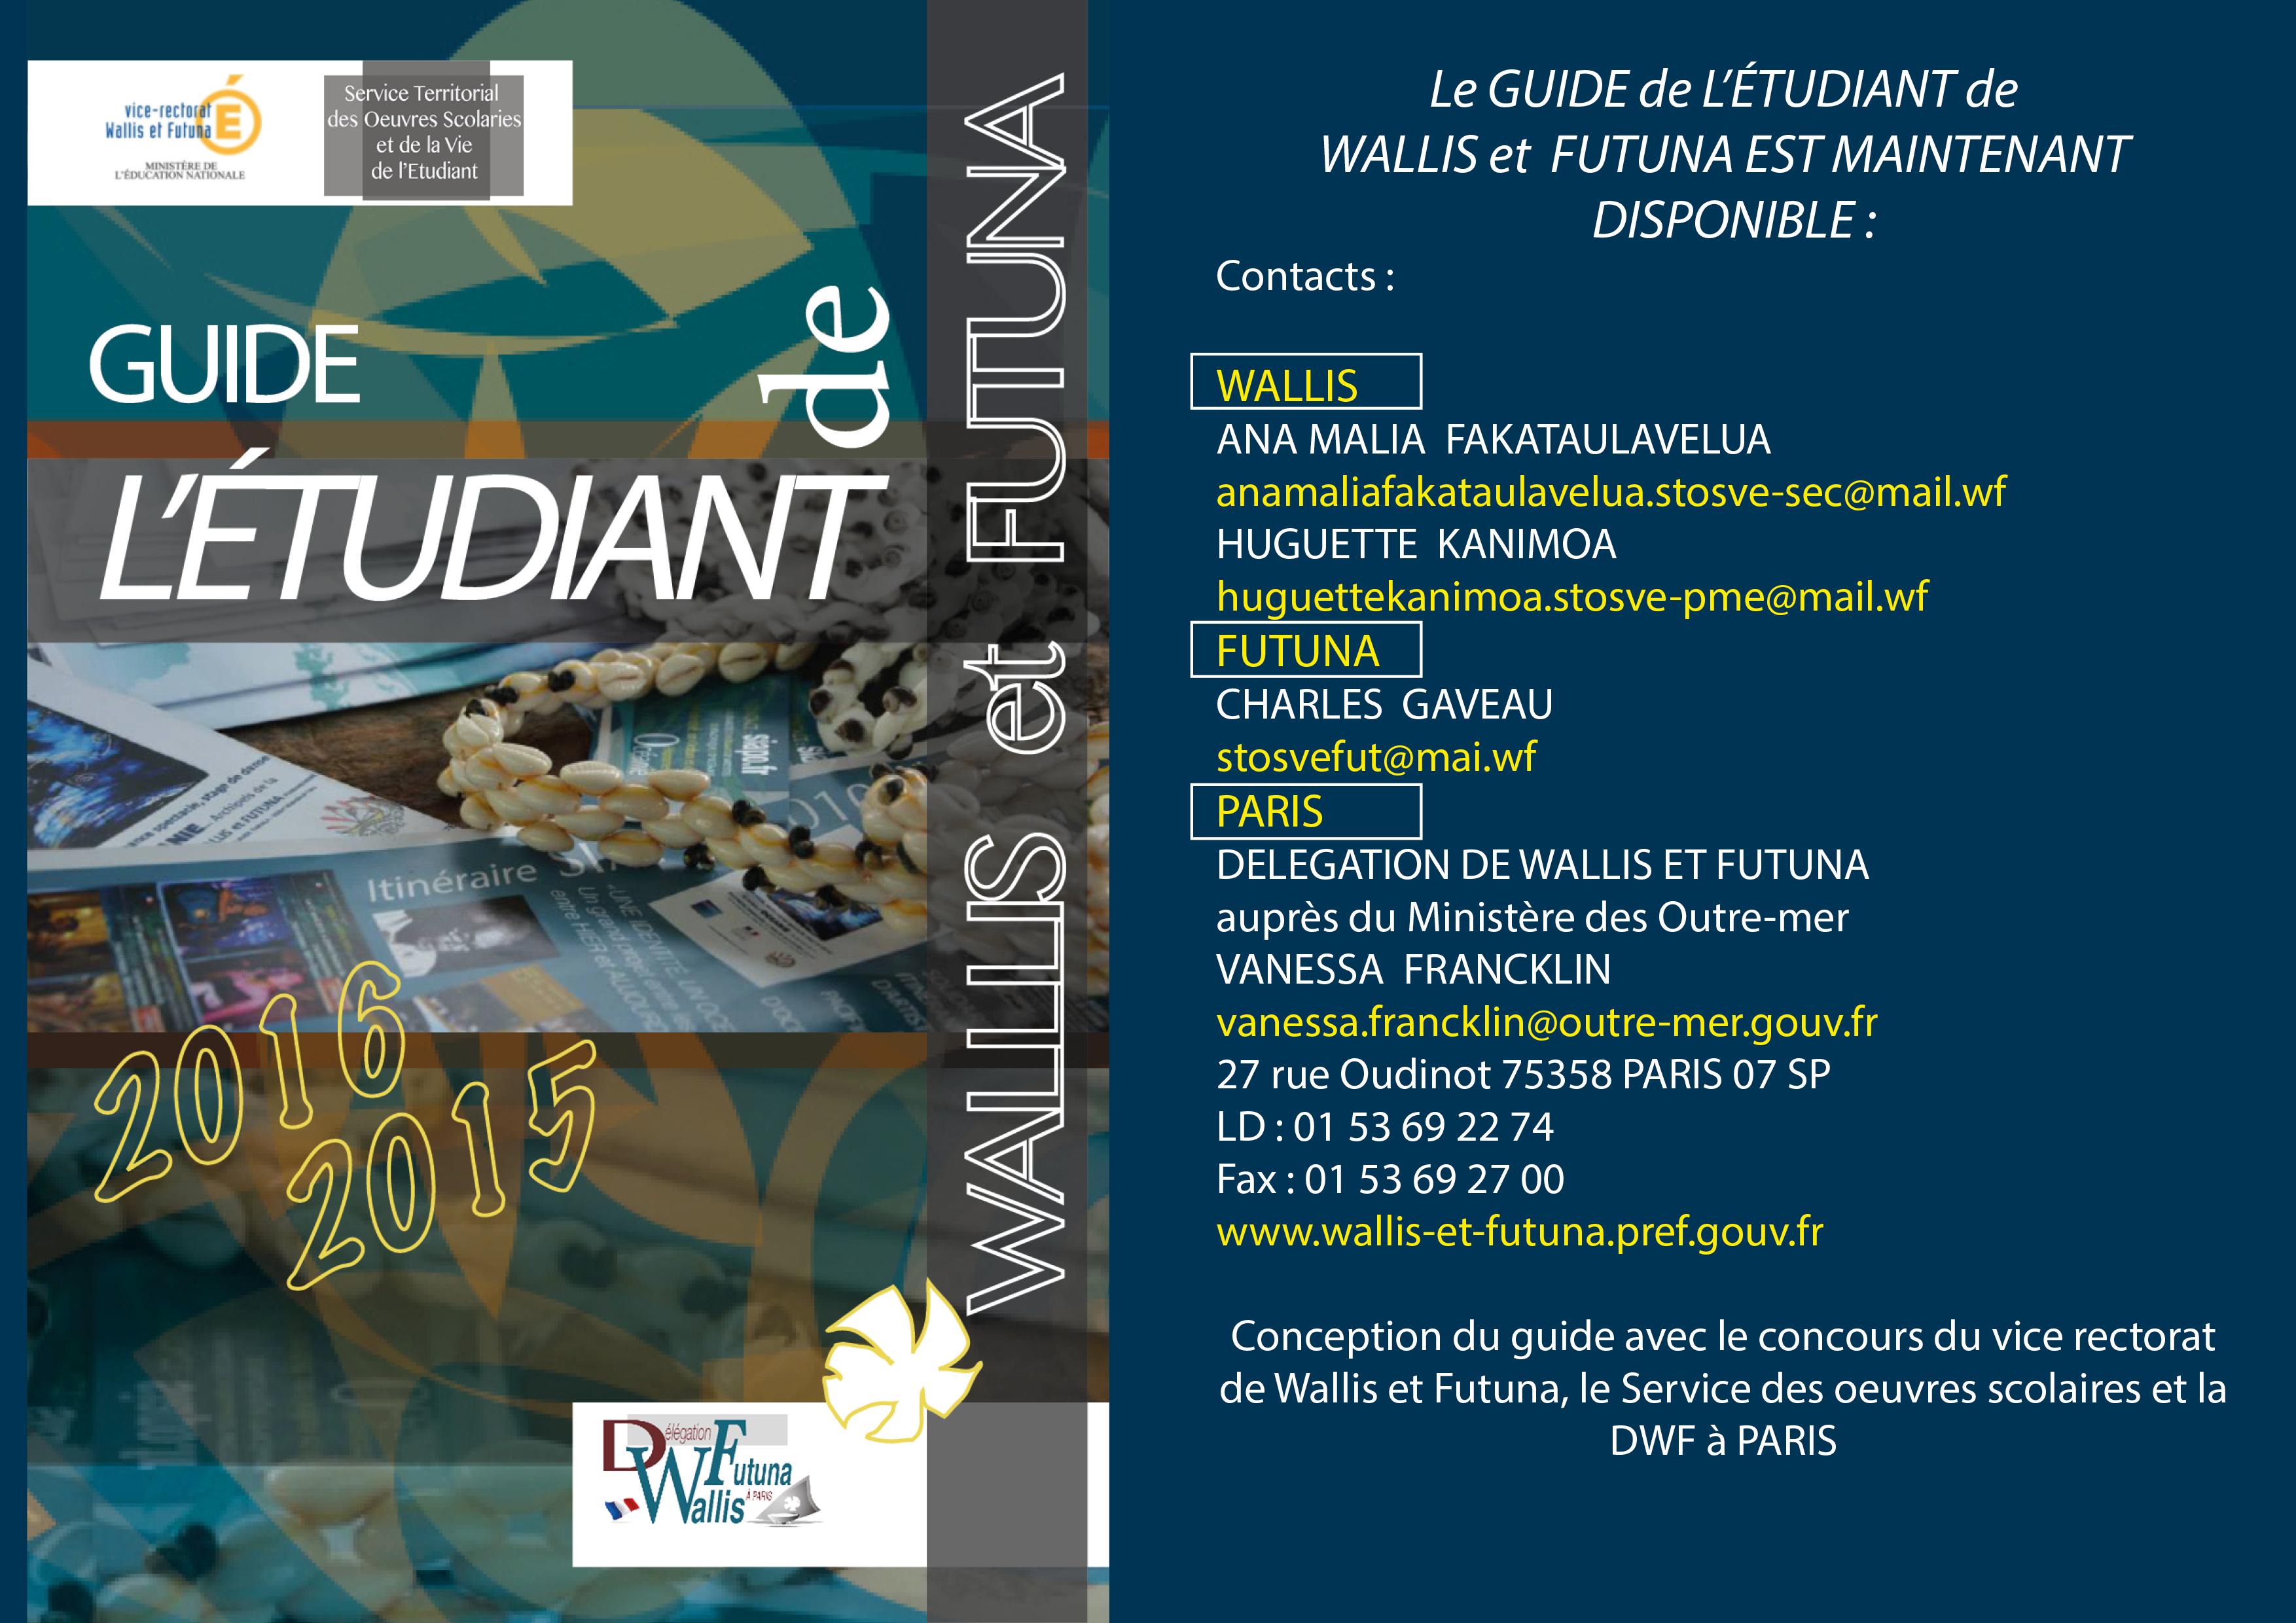 Ci-dessus, les contacts pour se procurer le guide l'étudiant de Wallis et Futuna